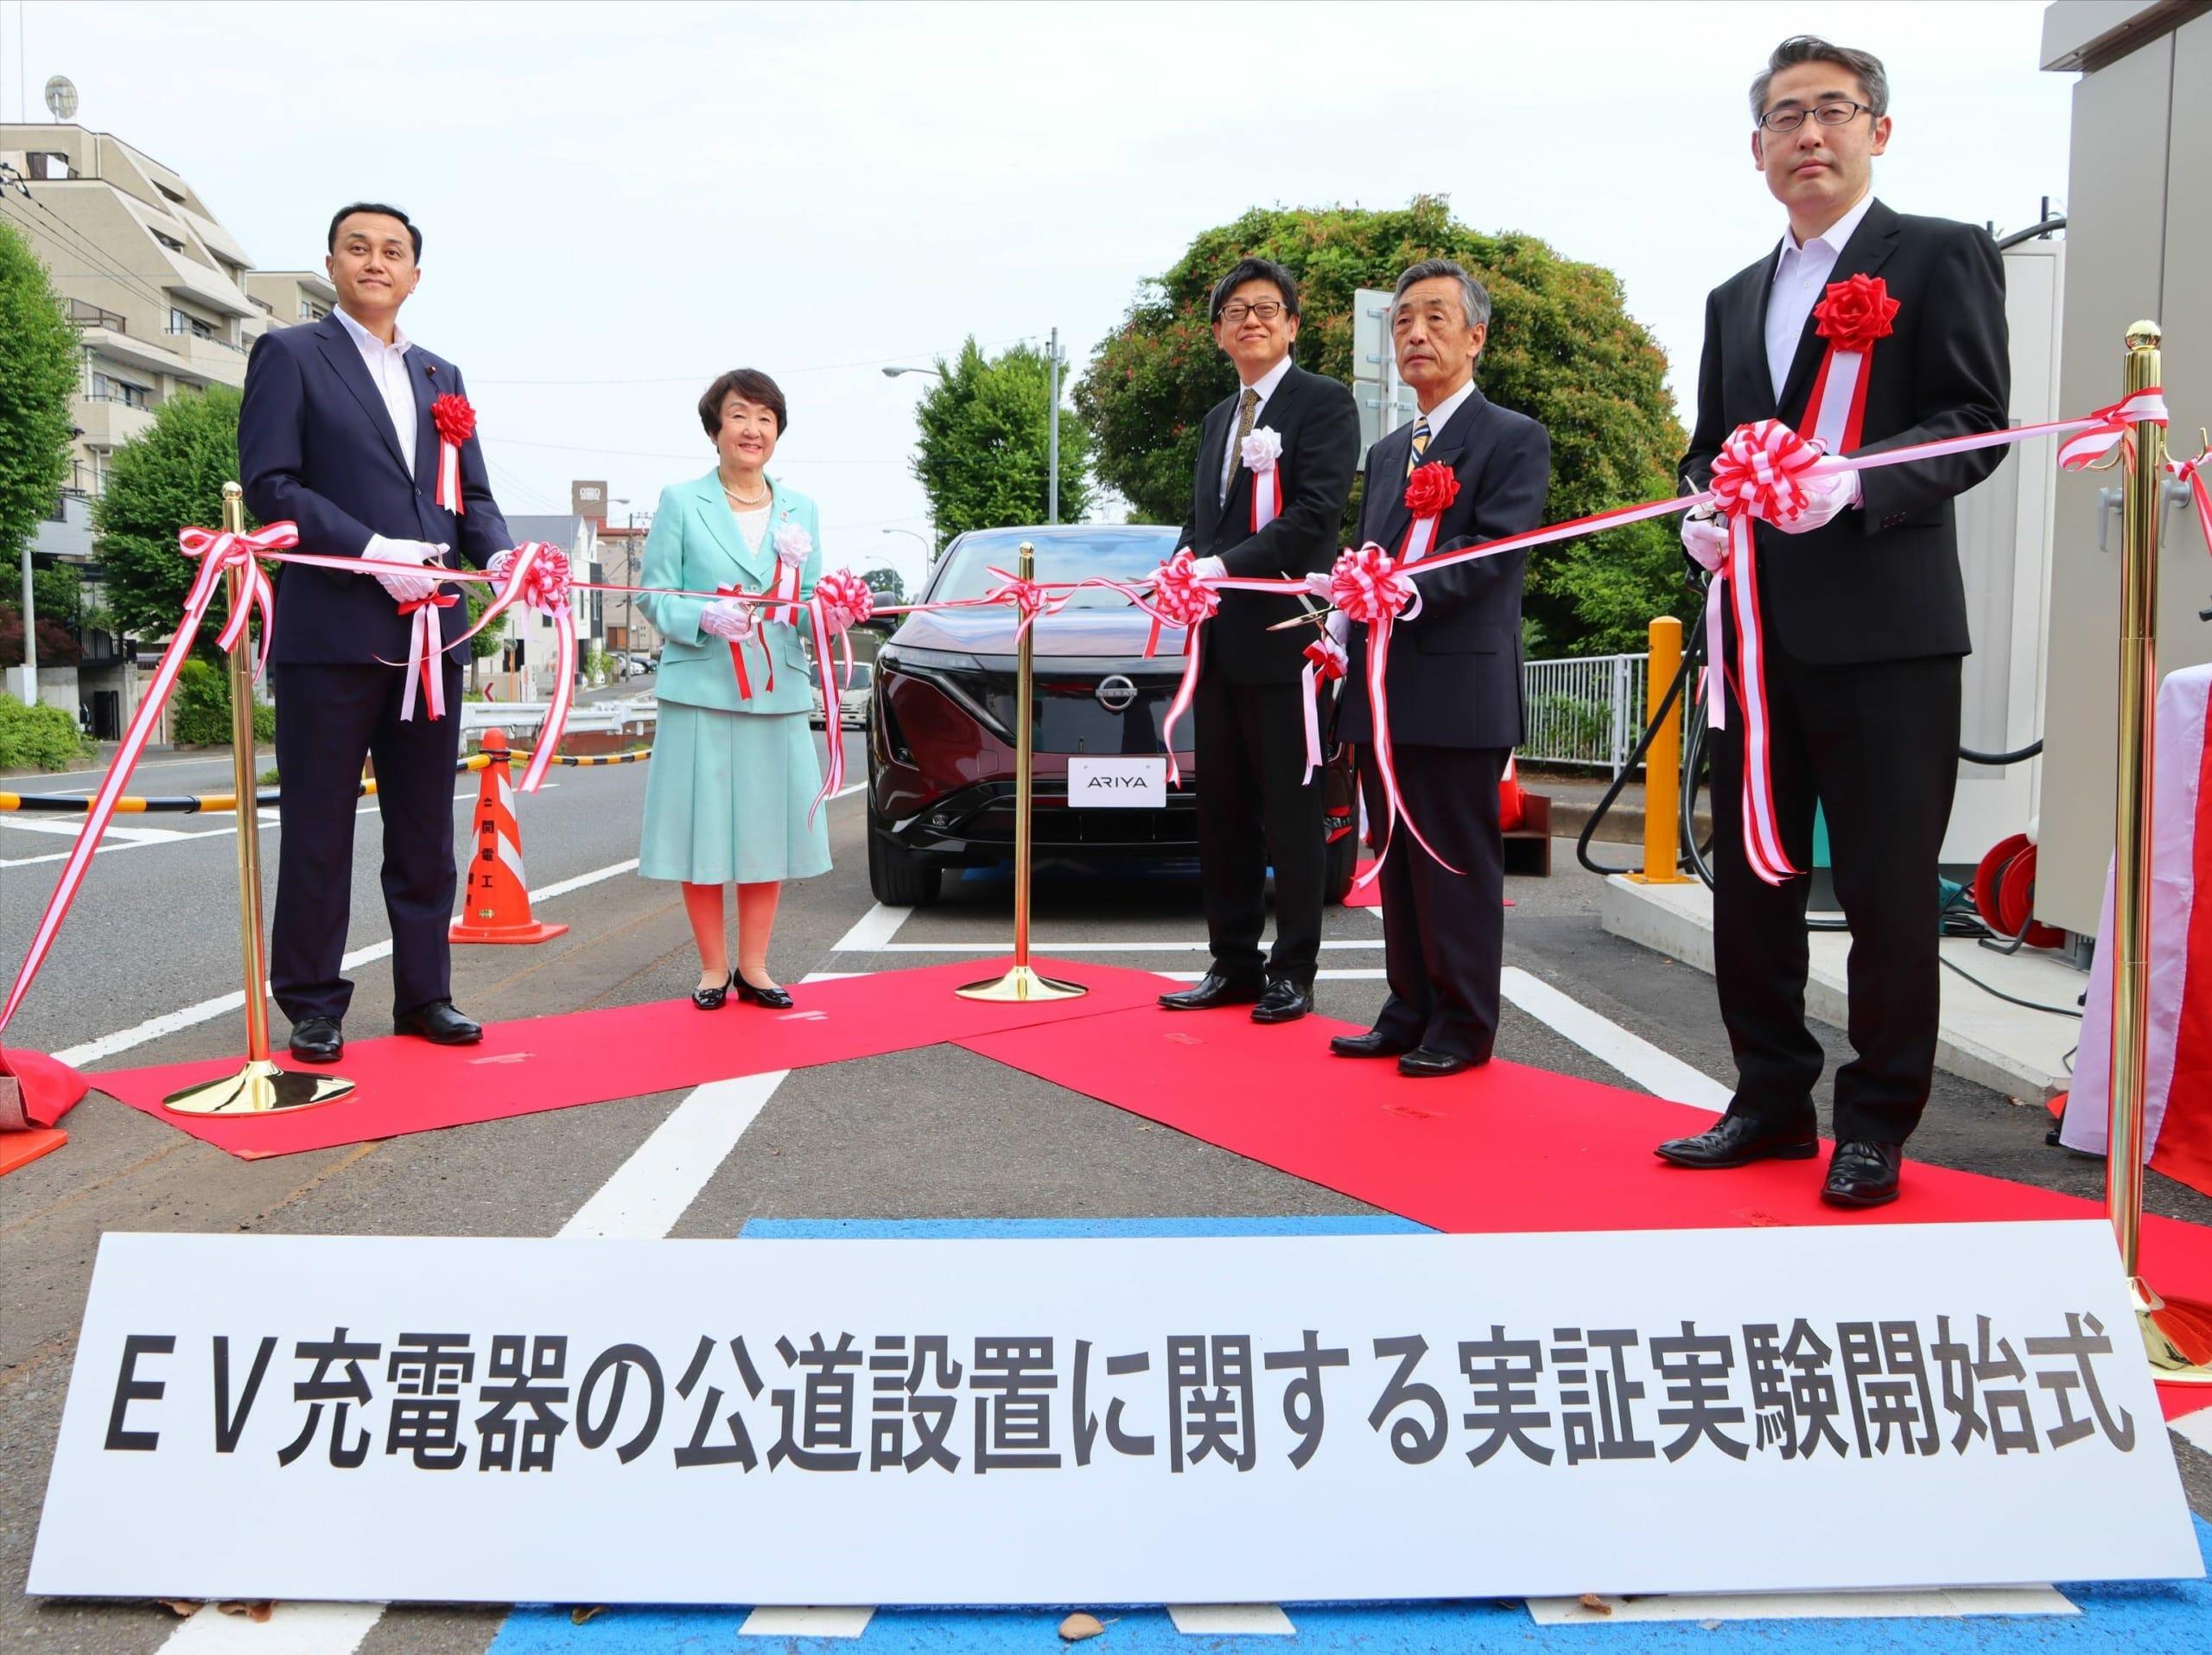 2021年6月8日の開業式、テープカットのようす。(横浜市温暖化対策統括本部が撮影した記録写真)